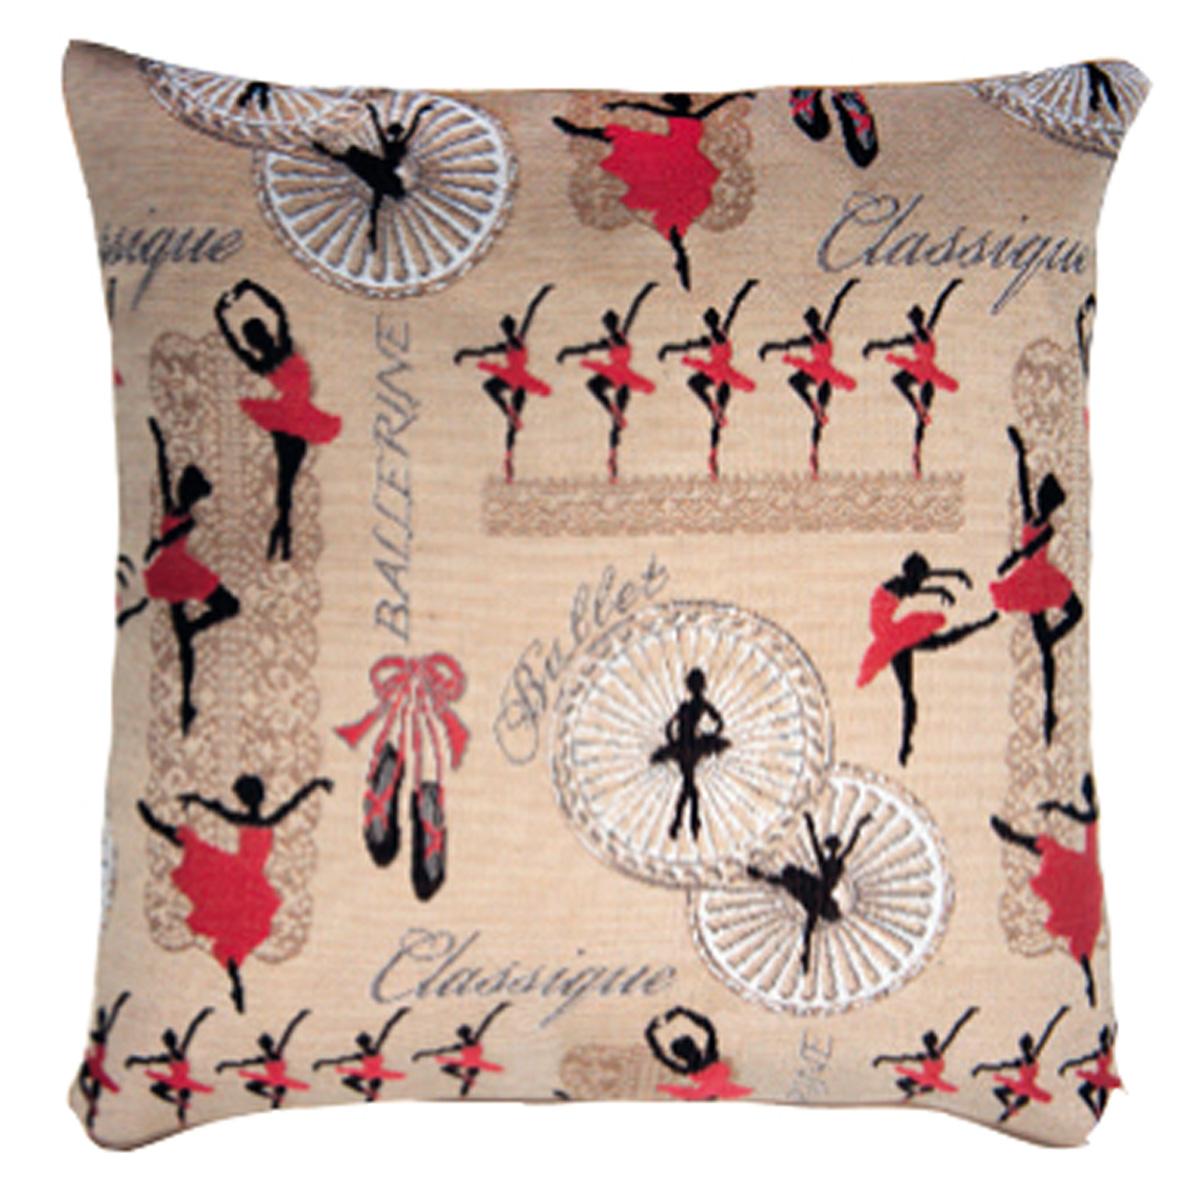 Coussin artisanal \'Royal Tapisserie\' beige rouge (Ballerines)  - 45x45 cm - [Q6353]